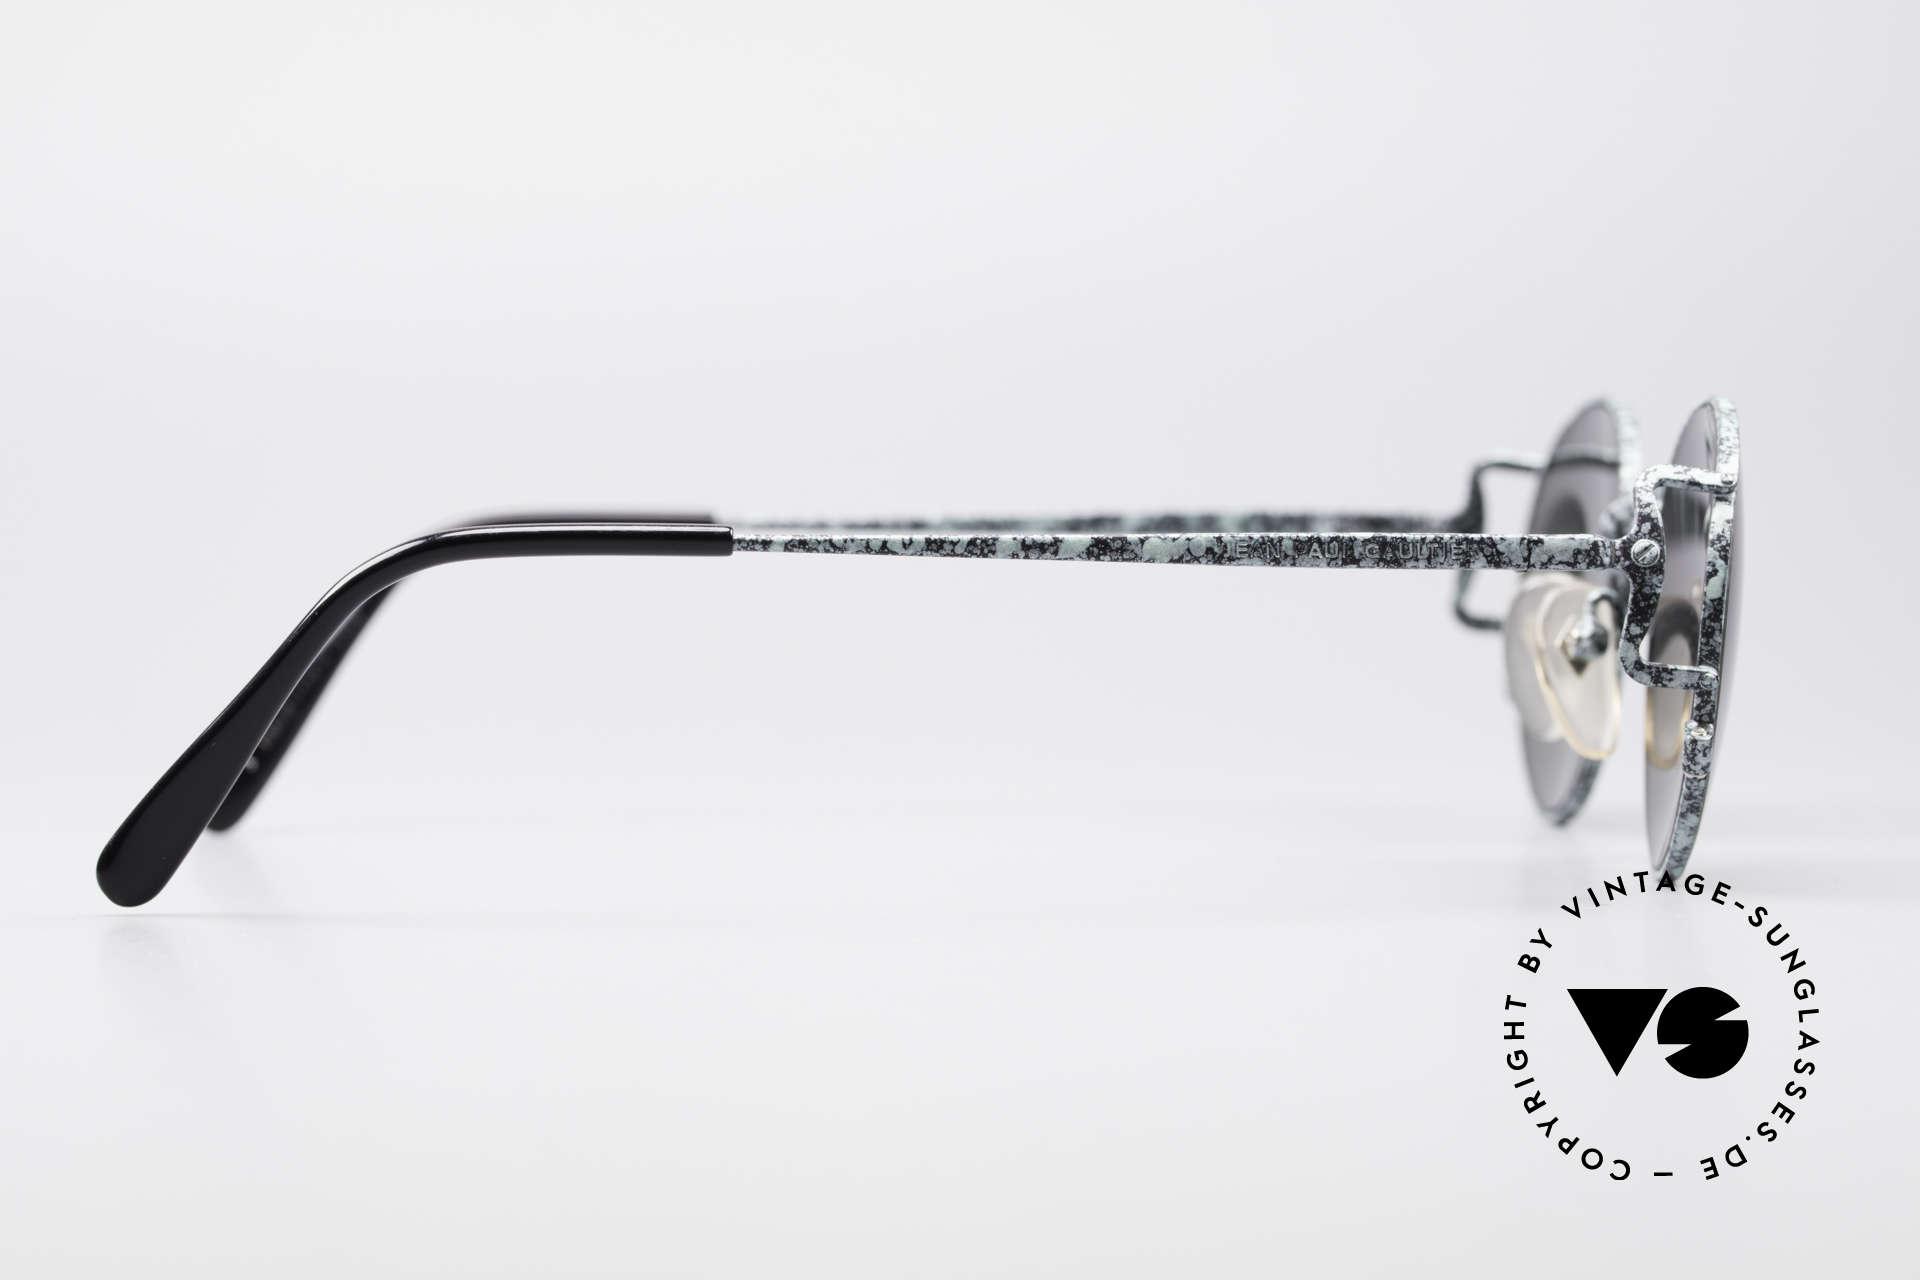 Jean Paul Gaultier 55-3178 Polarisierende Sonnenbrille, die Fassung ist auch für optische Gläser geeignet, Passend für Herren und Damen